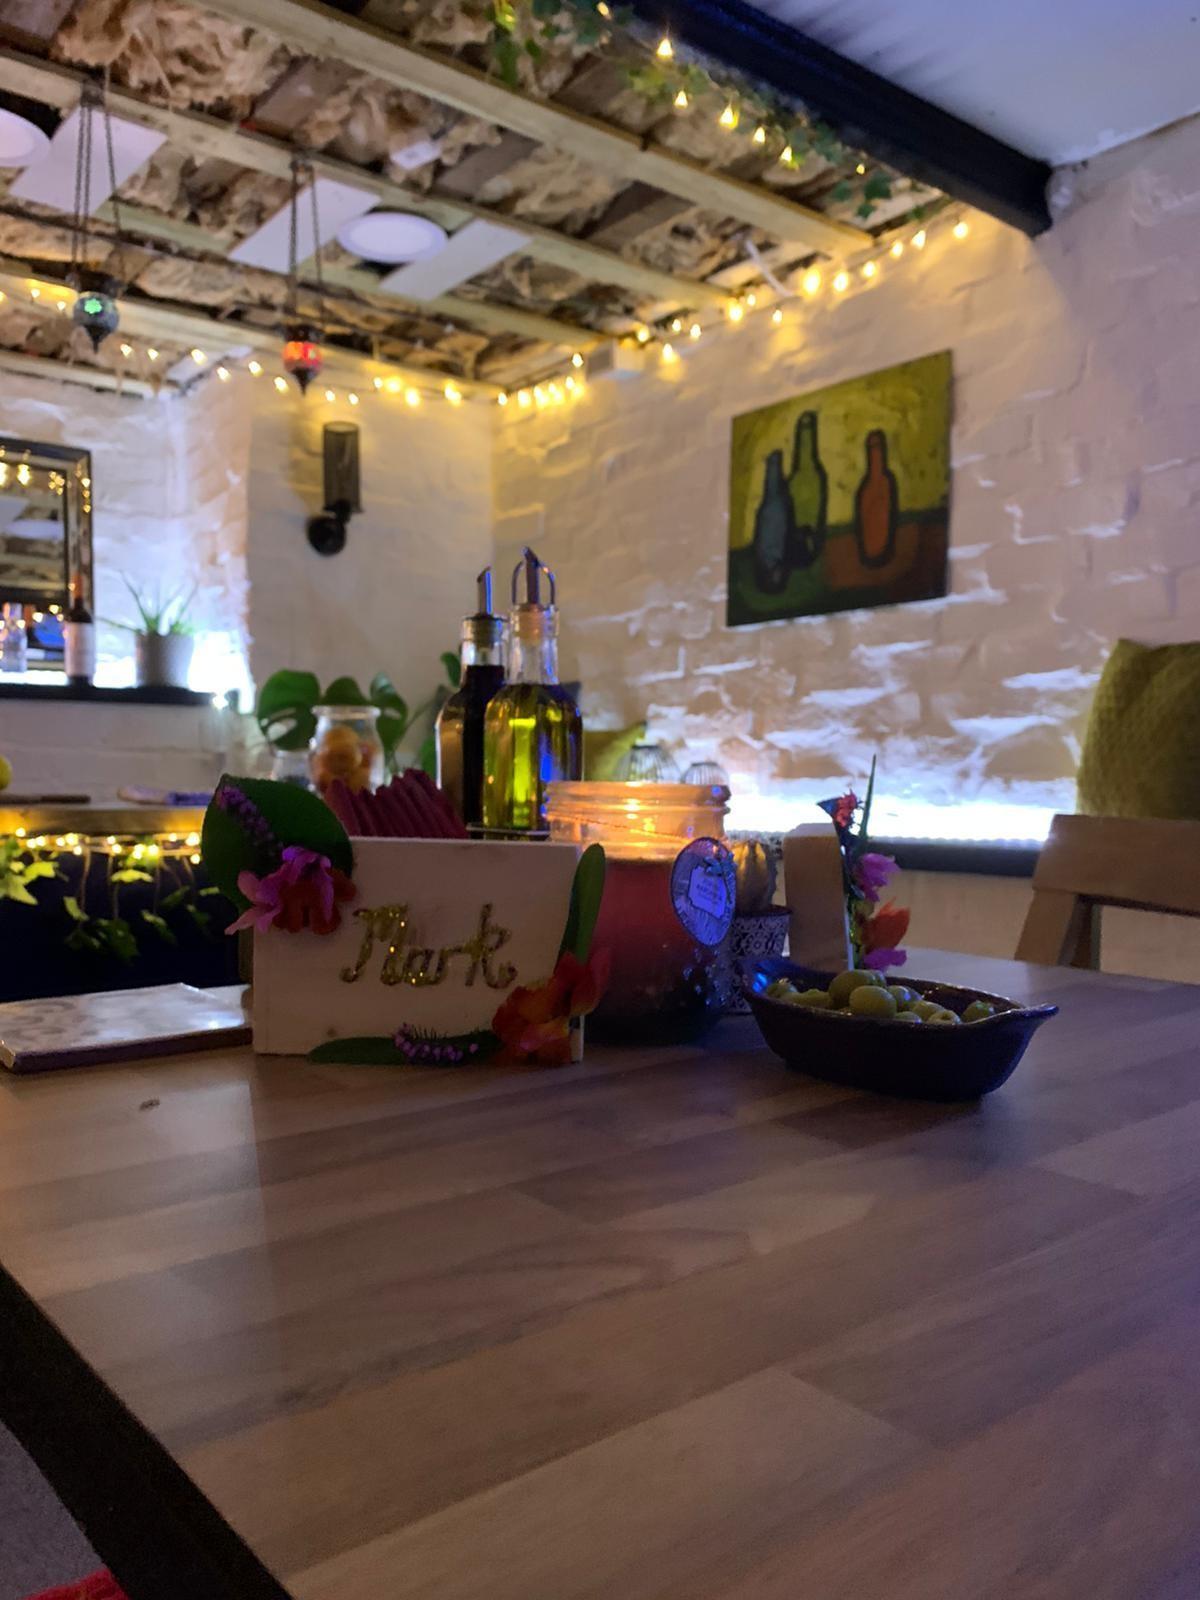 Британская пара превратила гараж в испанский ресторан